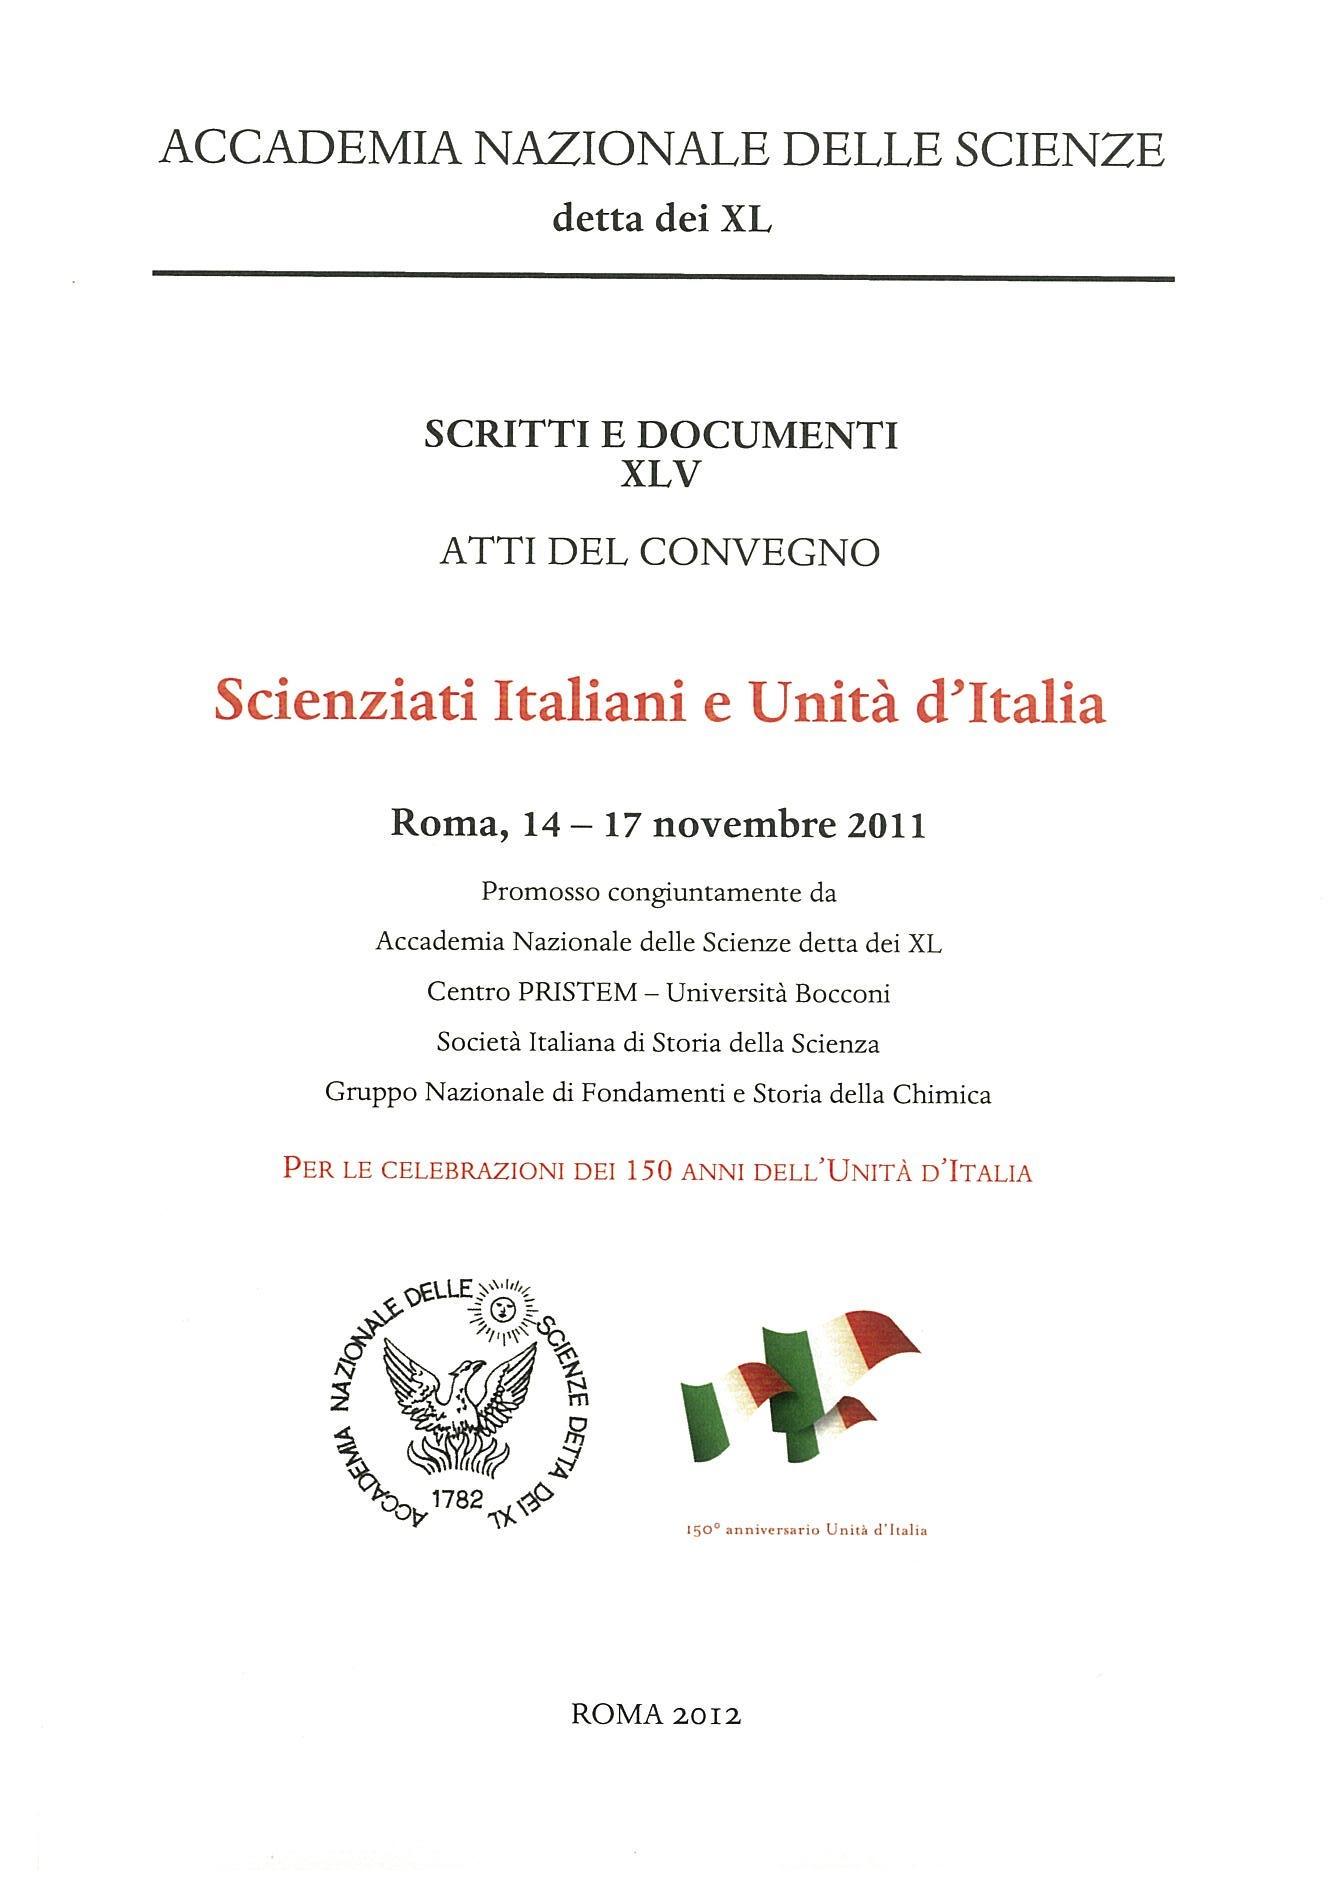 copertina scienziati_italiani